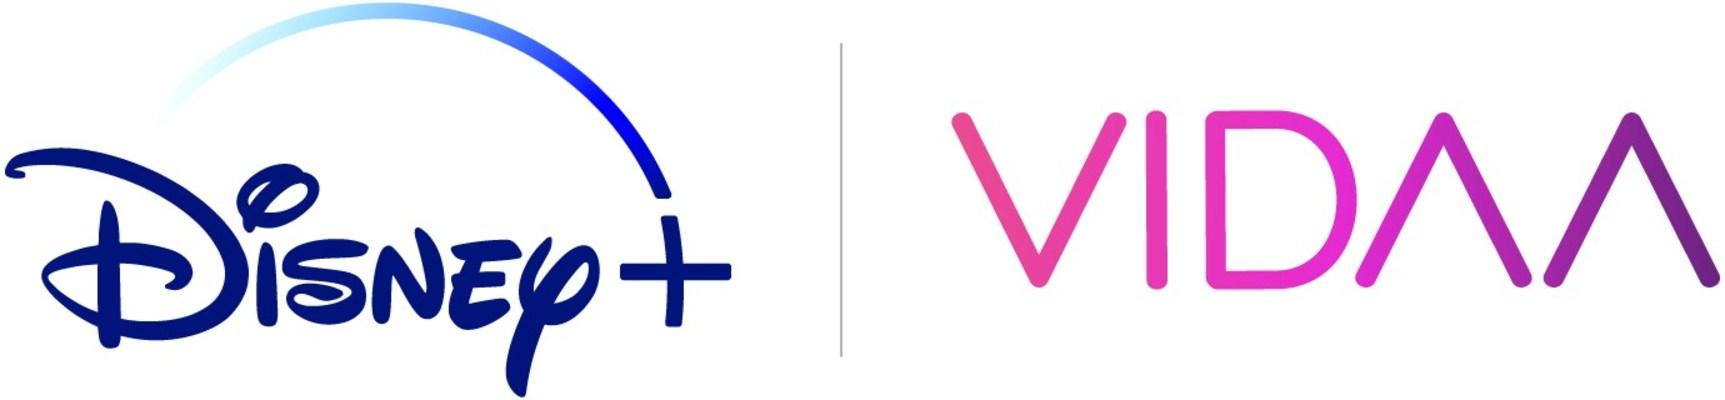 Disney+ ahora está disponible en VIDAA Smart OS